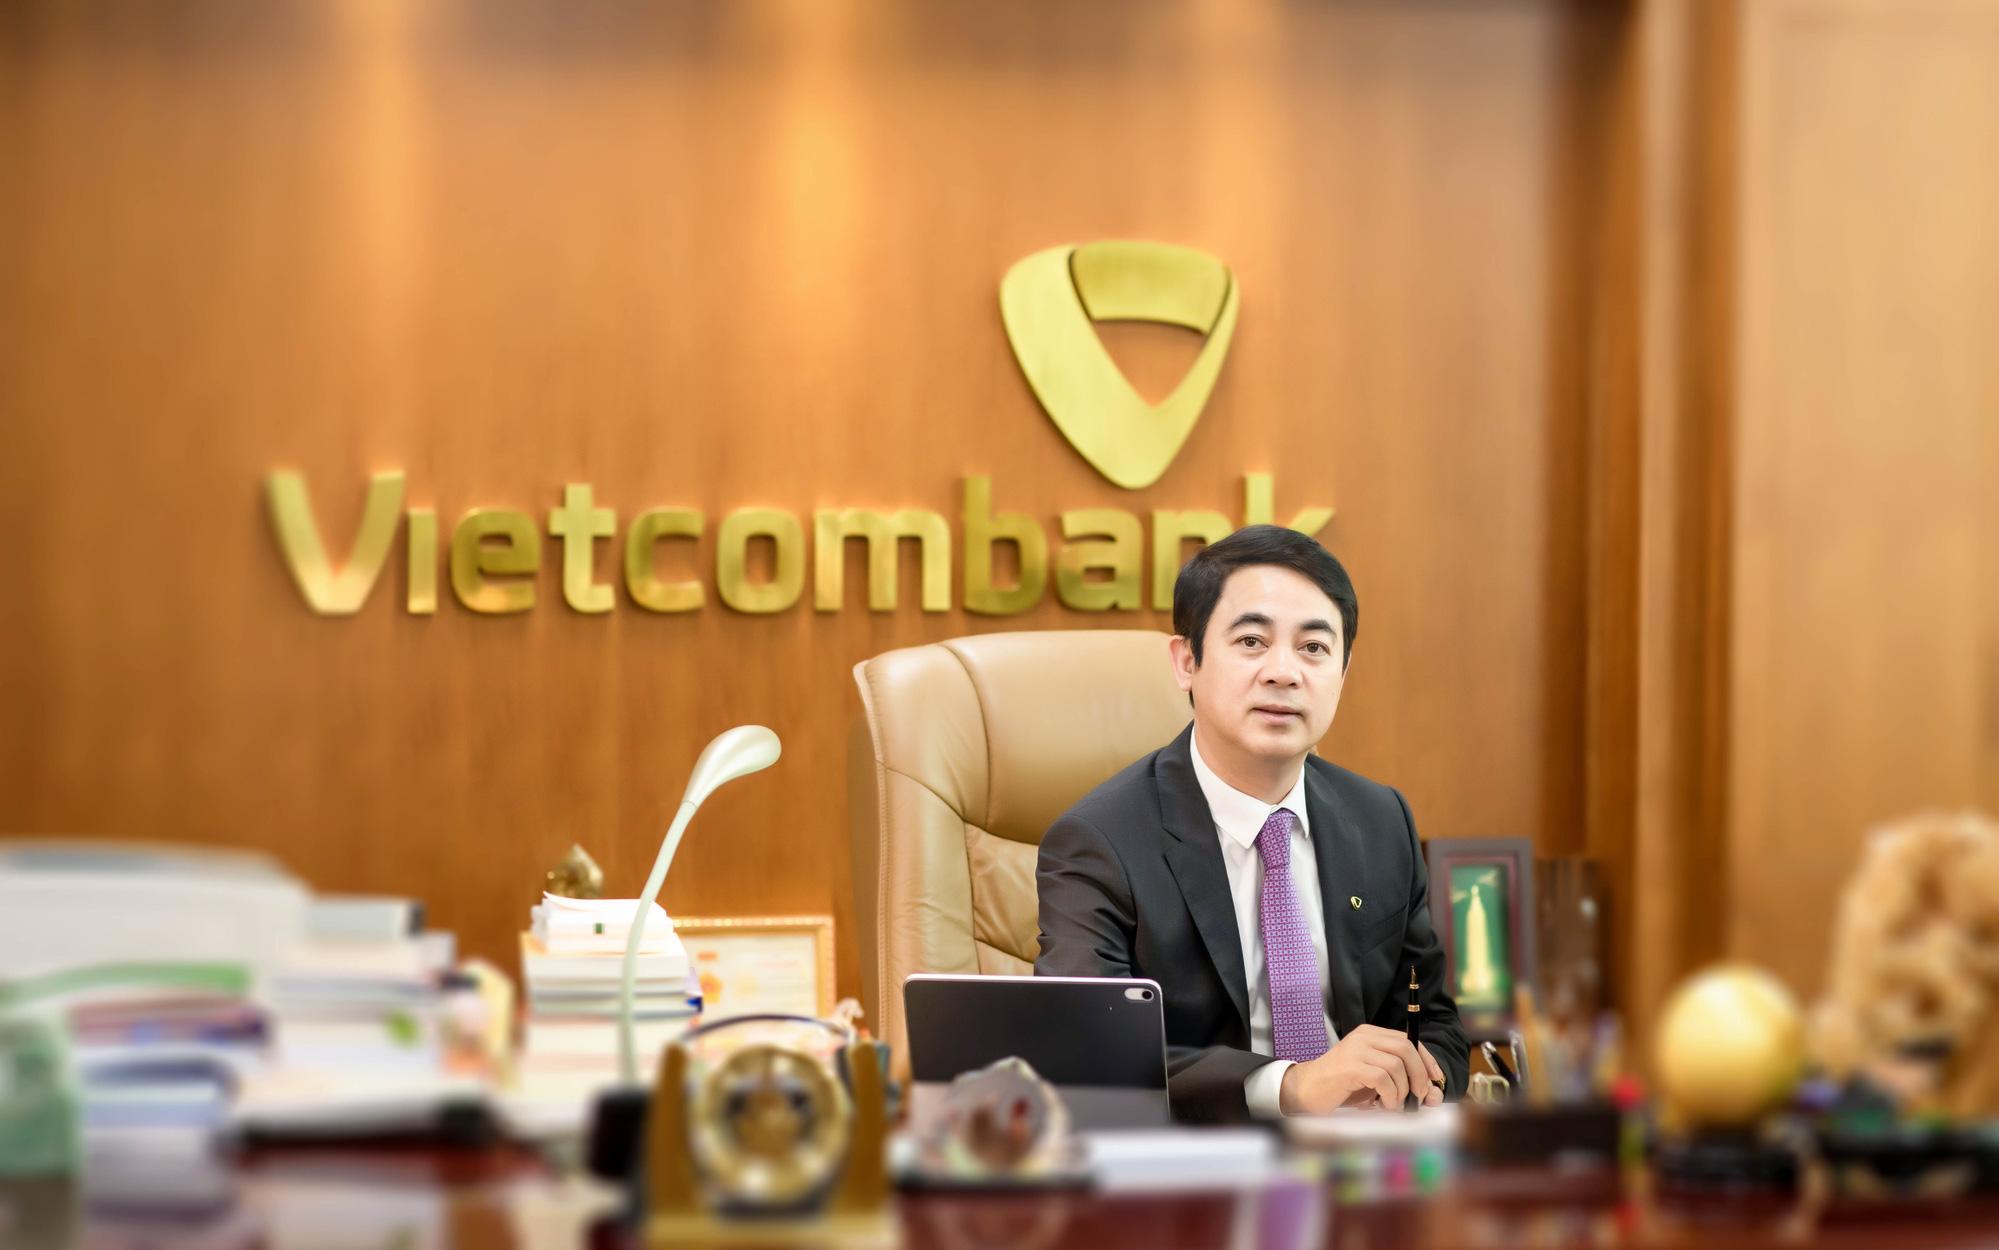 """Chủ tịch Vietcombank: Tác động kinh tế của Covid-19 sẽ còn kéo dài, ngành ngân hàng bị """"tấn công"""" cả trực tiếp và gián tiếp"""